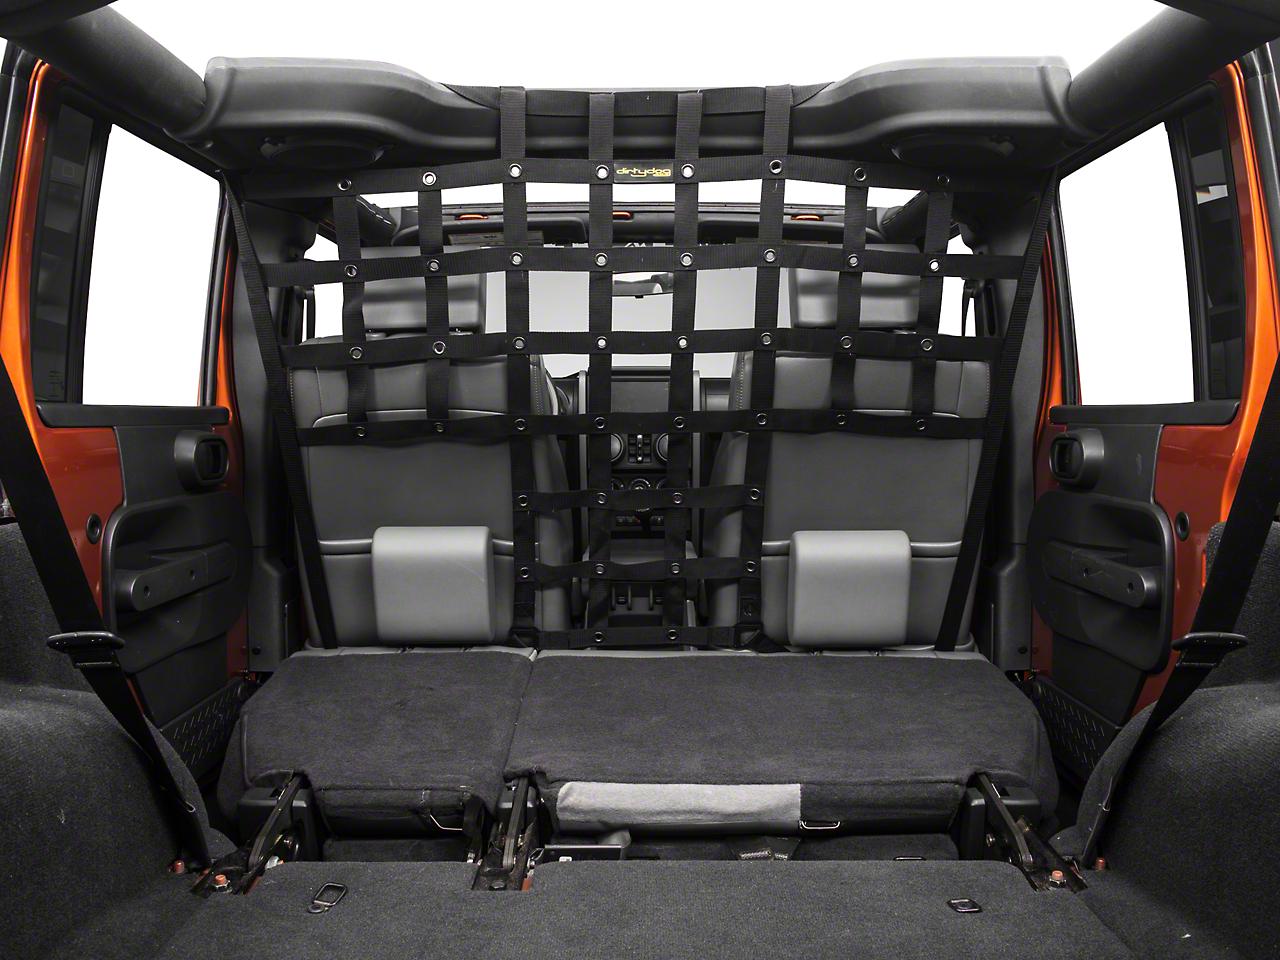 Dirty Dog 4x4 Pet Divider - Mounts Behind Front Seats - Black (07-17 Wrangler JK)